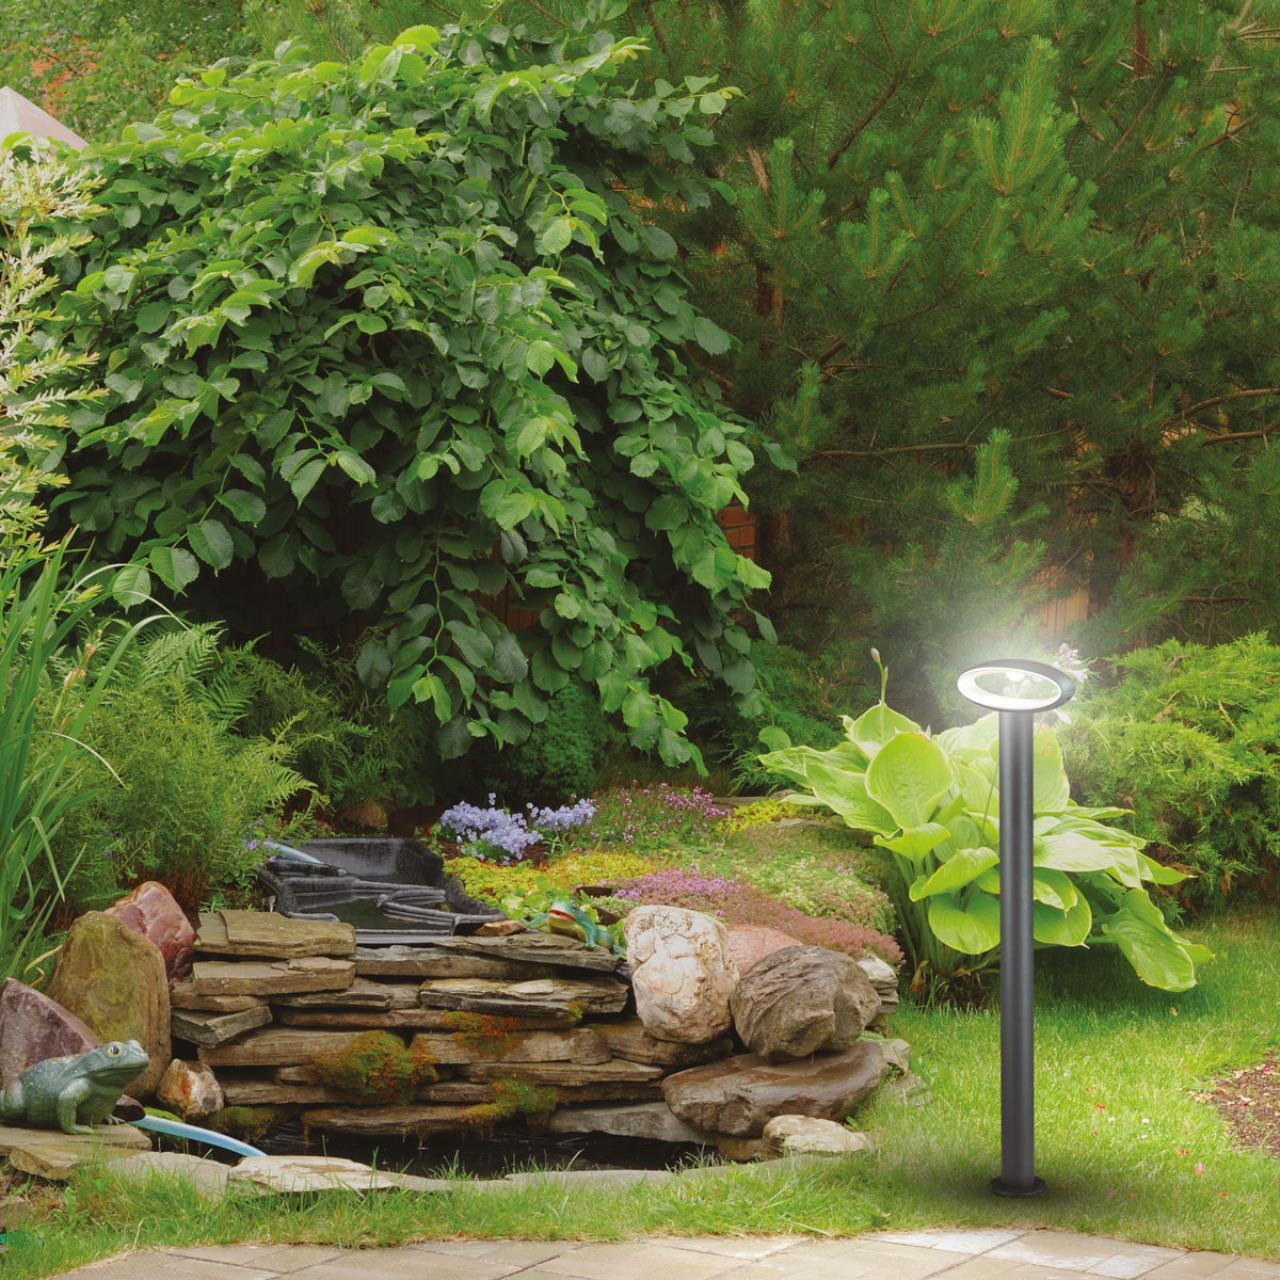 Садово-парковый светодиодный светильник Novotech Street Kaimas 357406, IP54, LED 7,2W 3000K 390lm, темно-серый, металл, пластик - фото 3